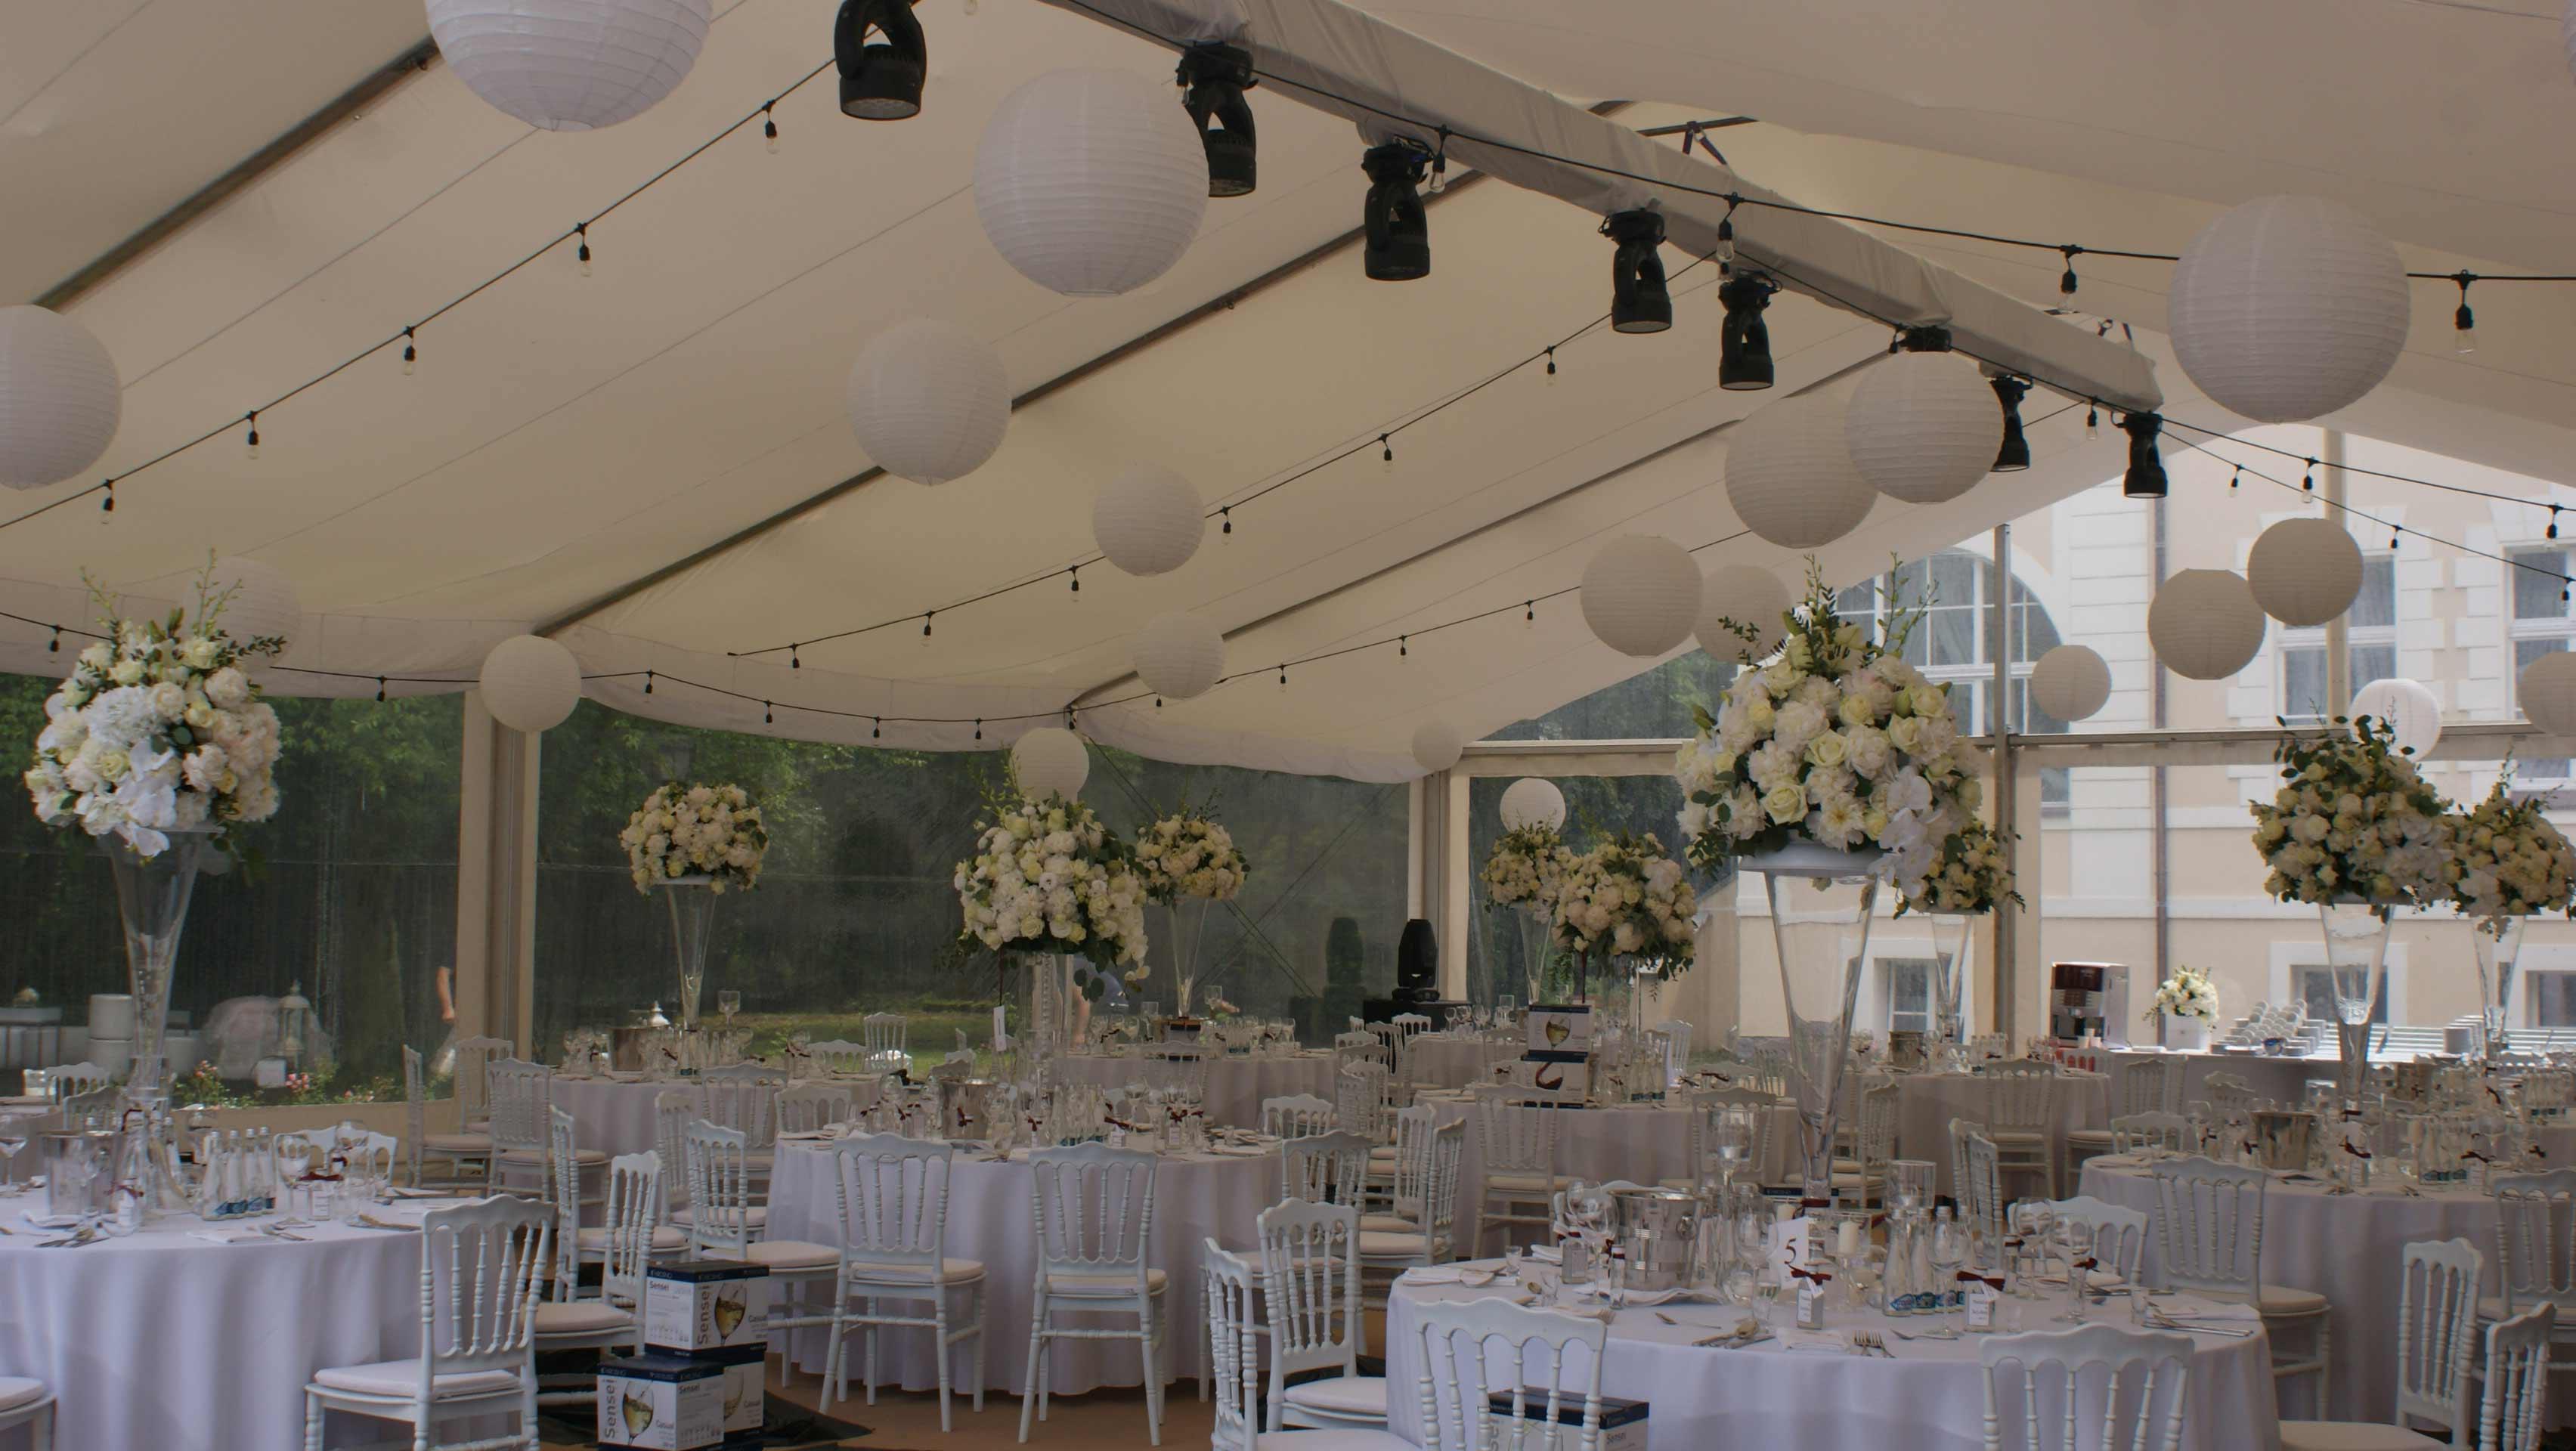 W Ultra Dekoracja sufitu na sali weselnej - Artcom WG25